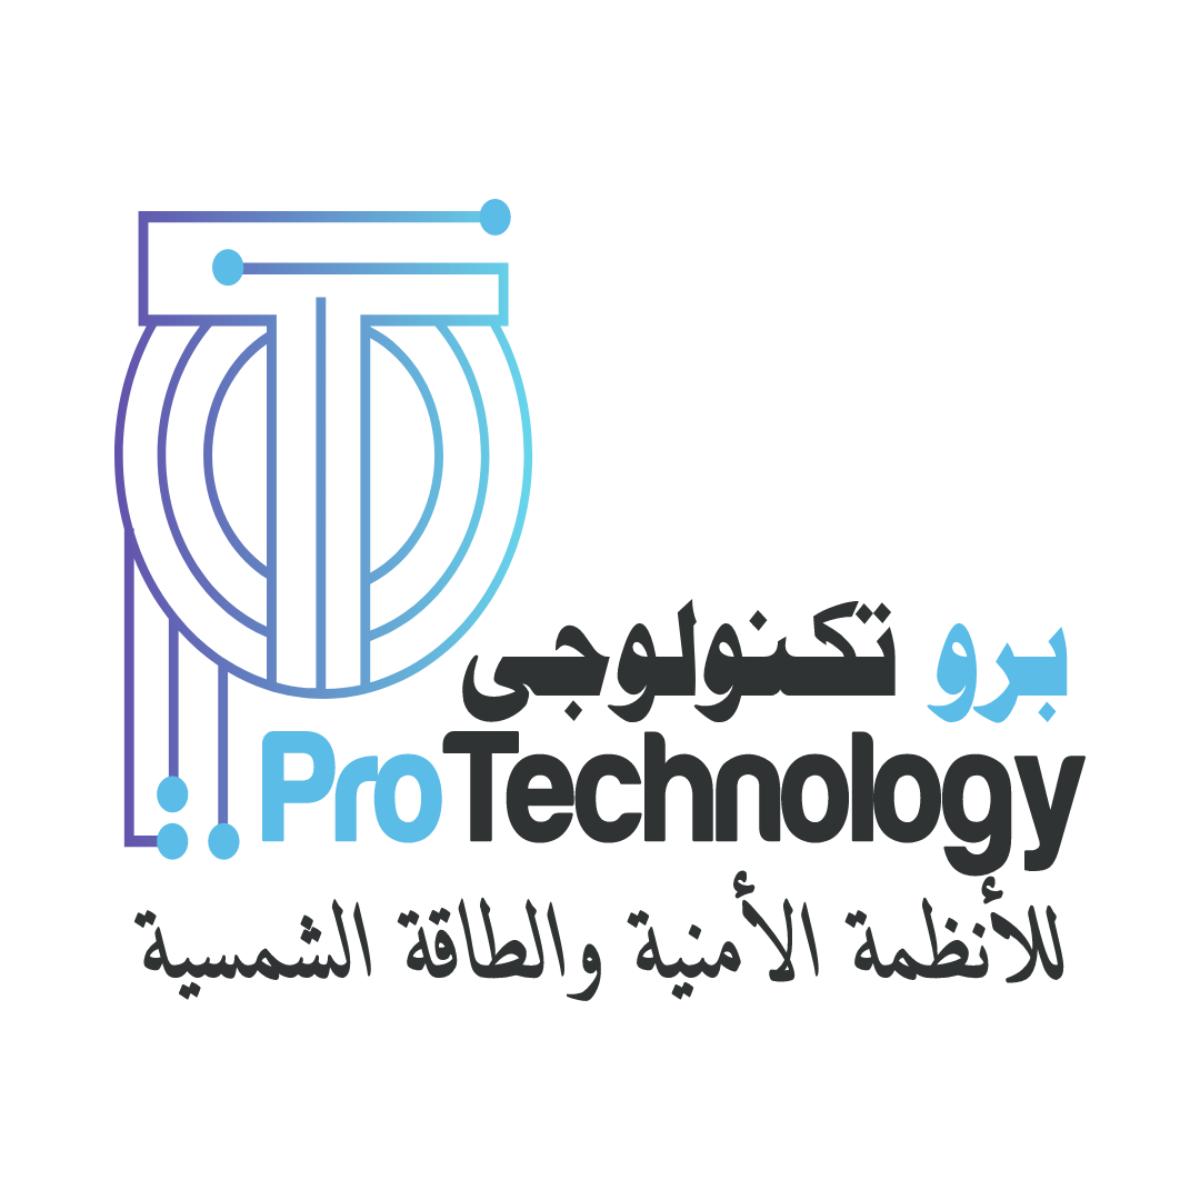 Pro Technology